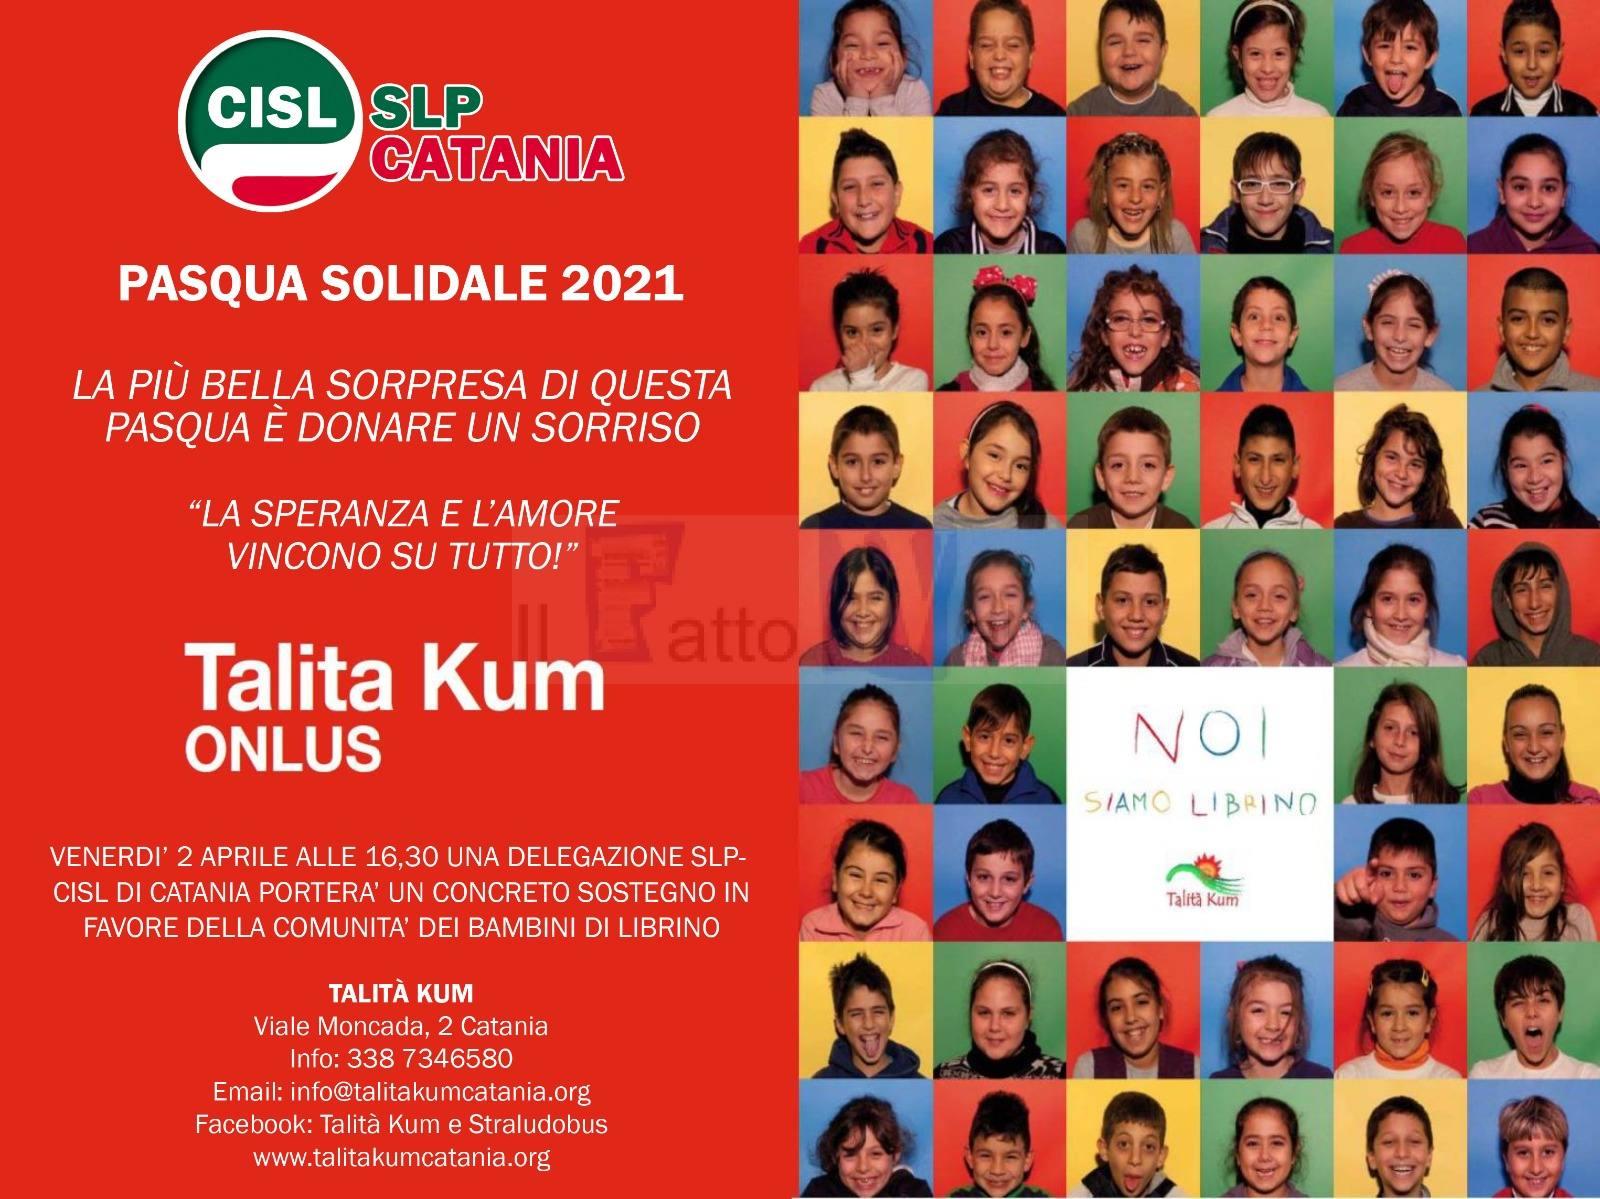 Domani iniziativa di solidarietà della CISL Poste di Catania per sostenere l'onlus TALITA KUM di Librino